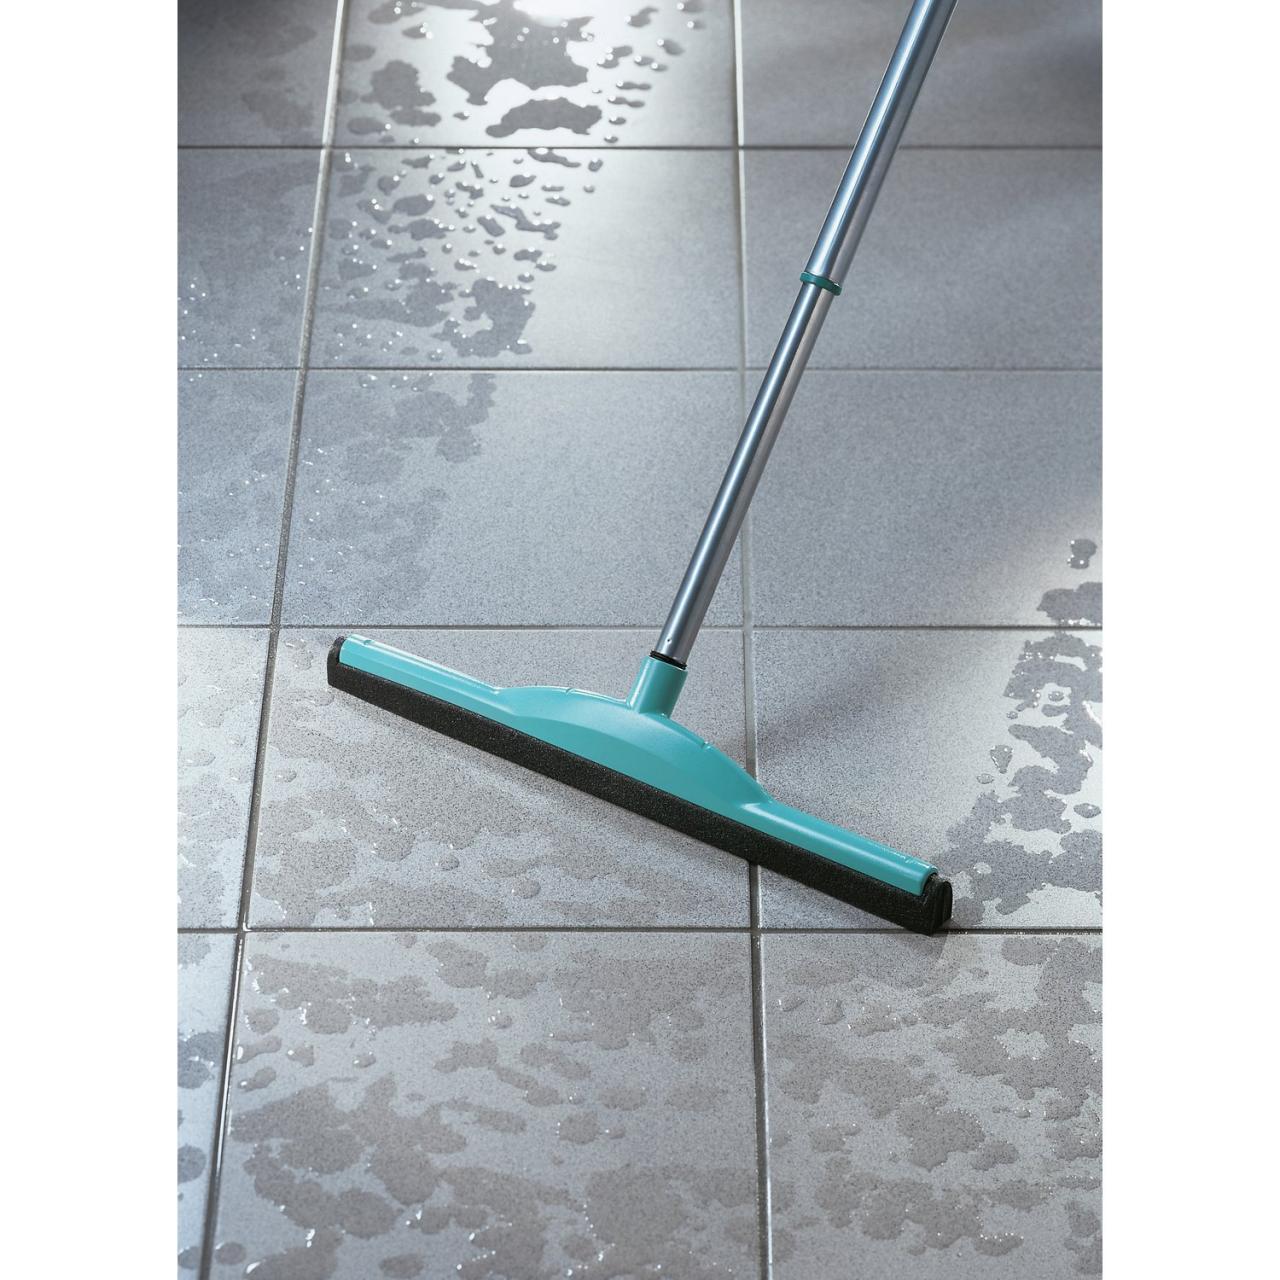 ادوات تنظيف المنزل صور ادوات تنظيف البيت الحبيب للحبيب